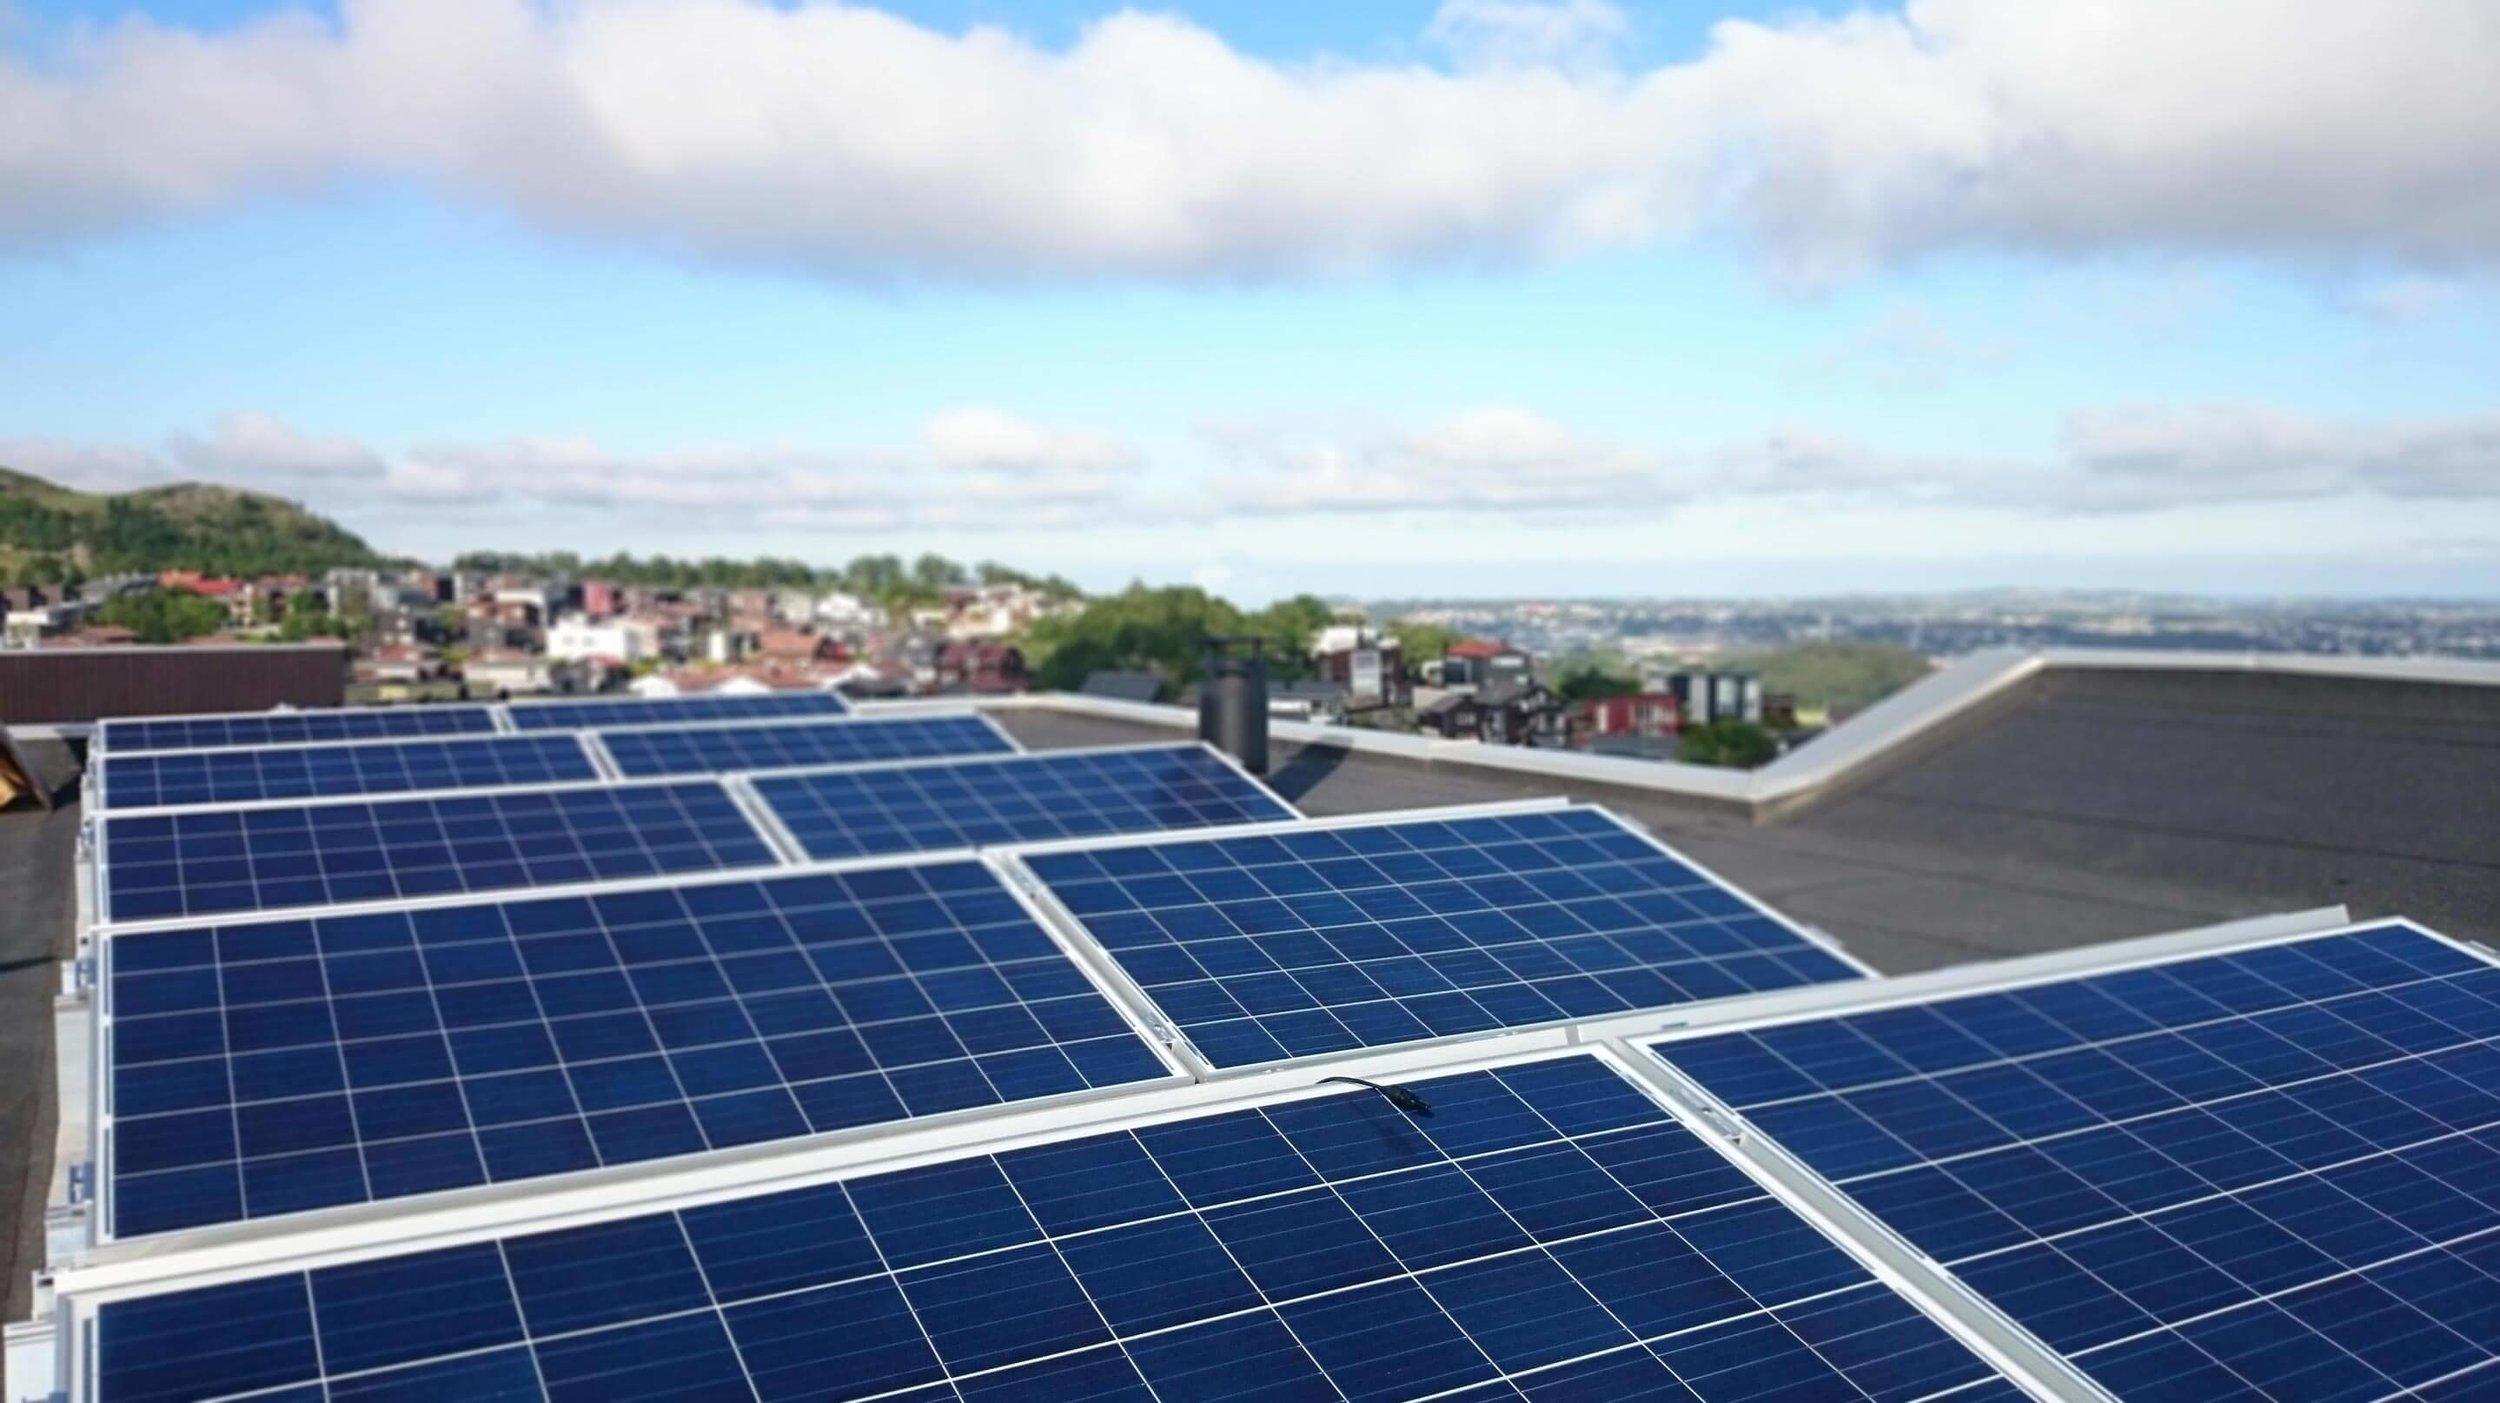 Ved å montere solcelleanlegg på taket, gjør du både miljøet og lommeboka di en tjeneste.